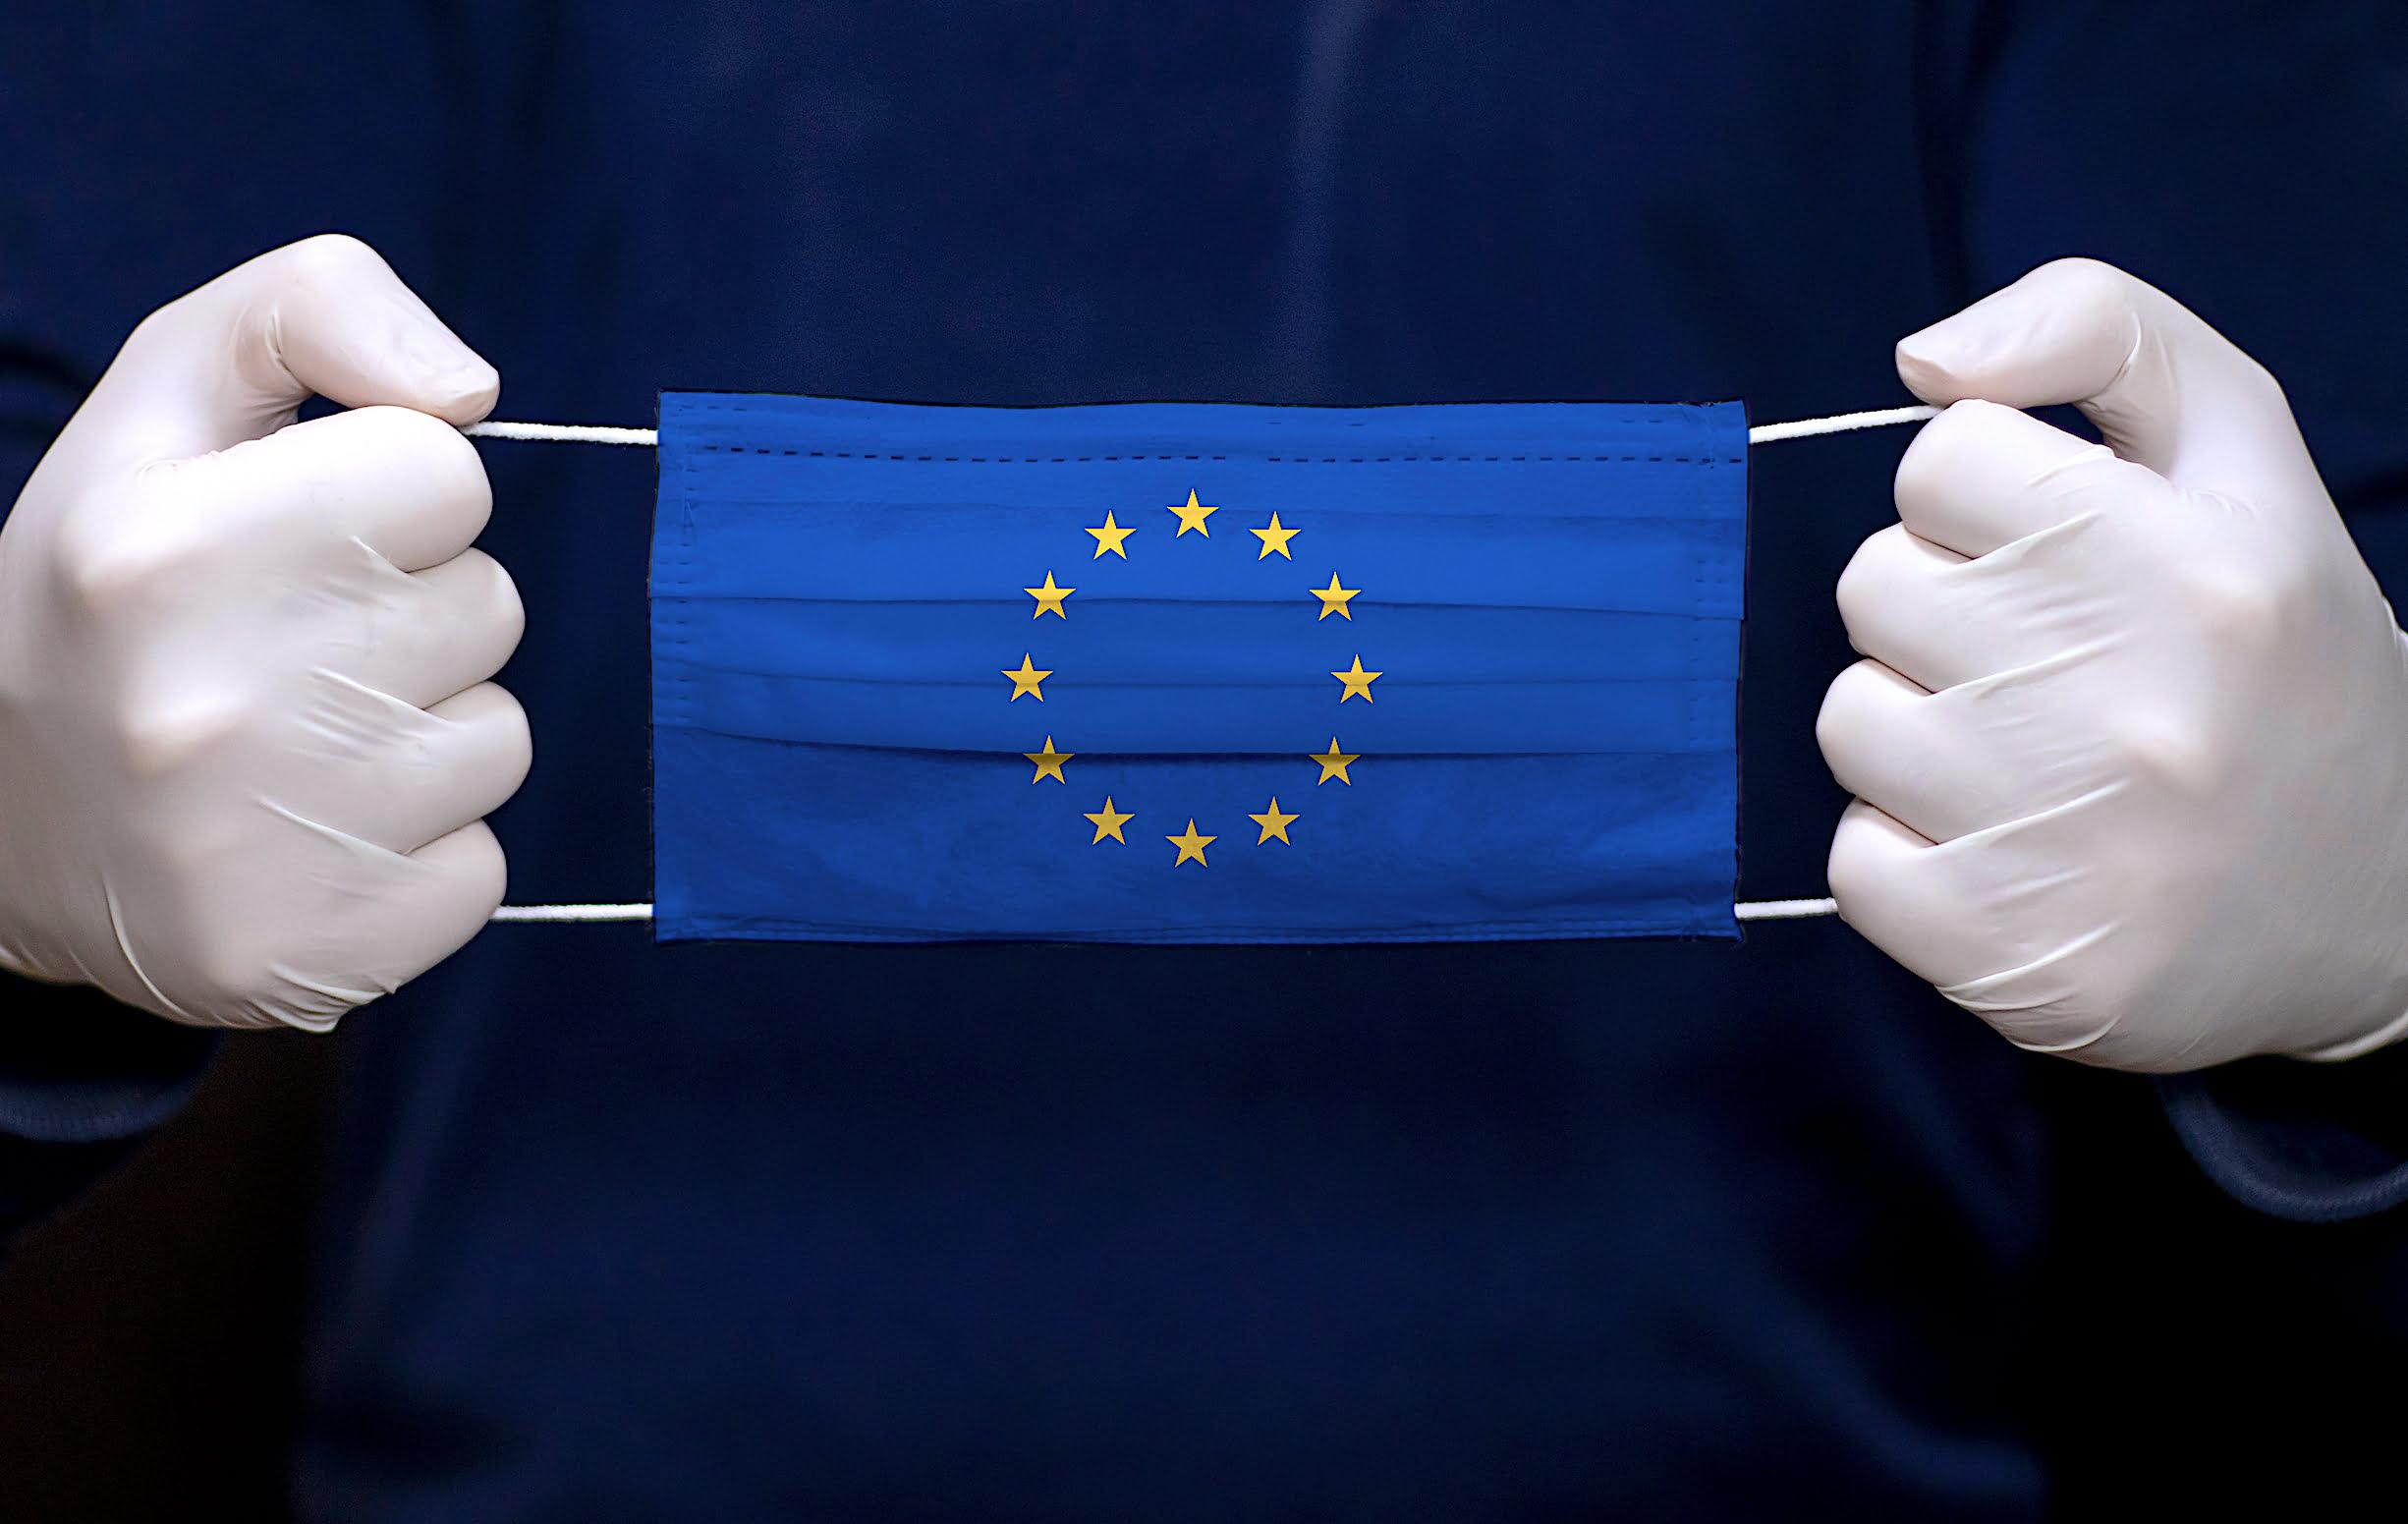 Σύνοδος Κορυφής (23/4) – Πρόταση Sanchez (Ισπανία) για fund 1,5 τρισ. ευρώ – Gentiloni (Κομισιόν): Αυτό το ποσό διακυβεύεται